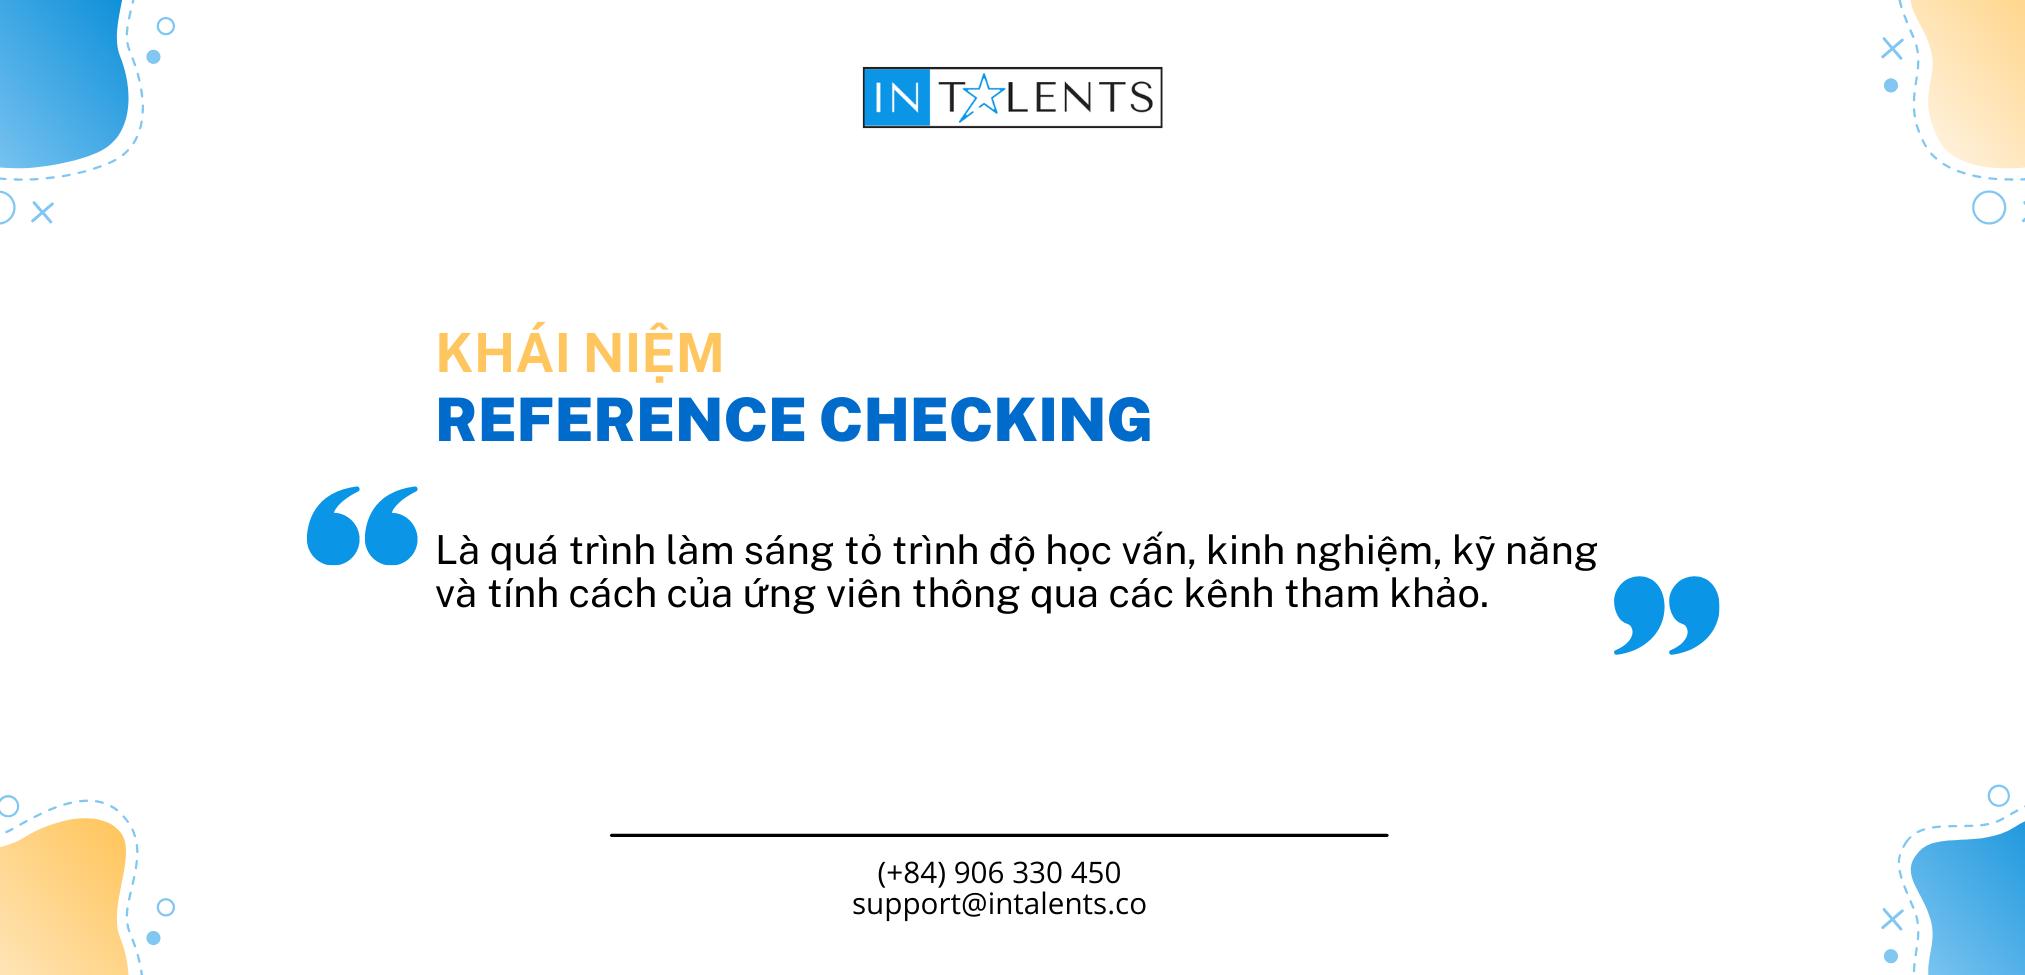 intalents-hướng-dẫn-xác-minh-thông-tin-ứng-viên-reference-checking